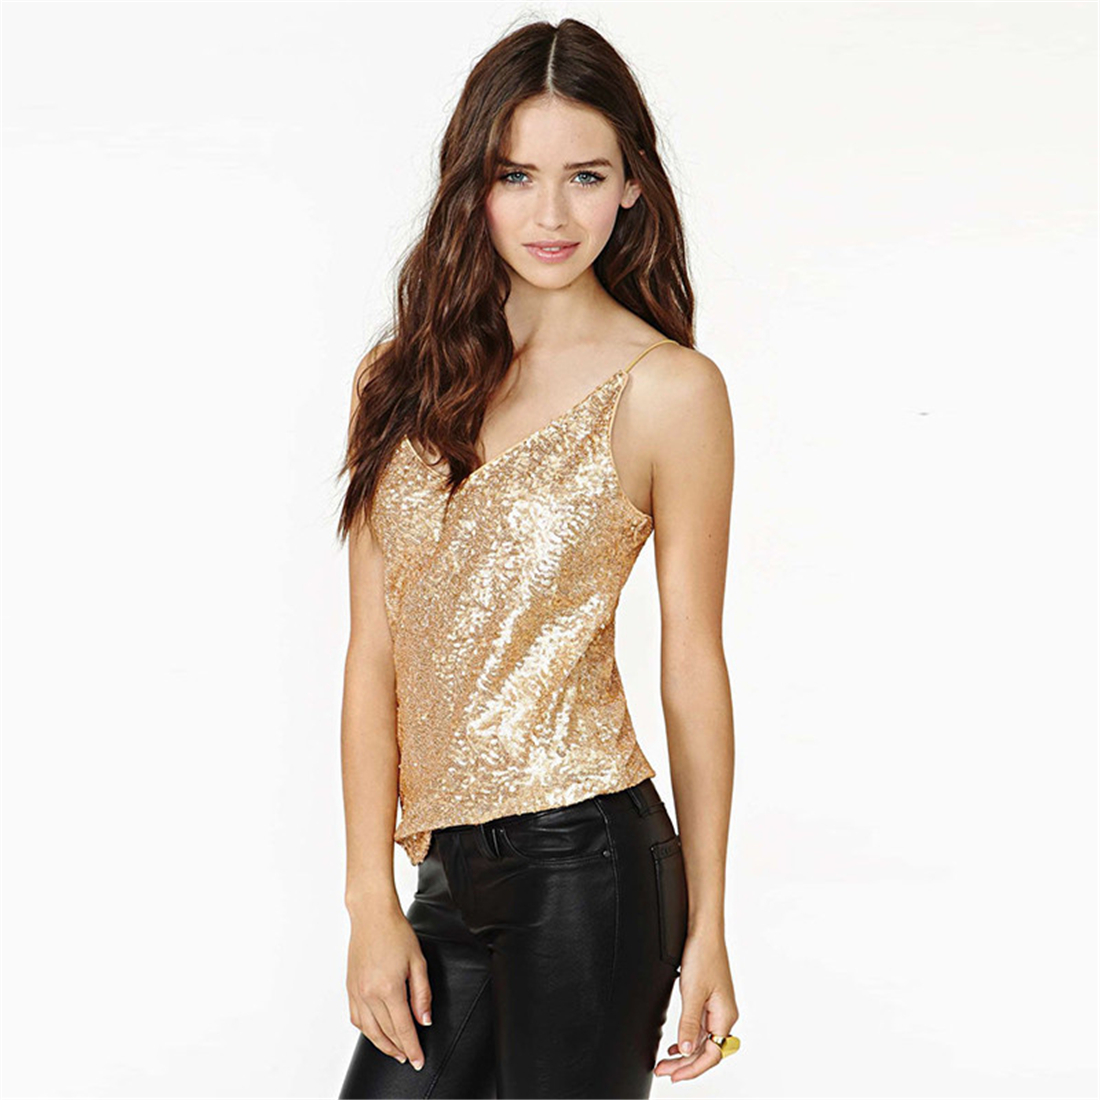 HTB1C6ezRVXXXXcKXFXXq6xXFXXX6 - Tank Top Summer Sexy Sleeveless Shirts Gold JKP089